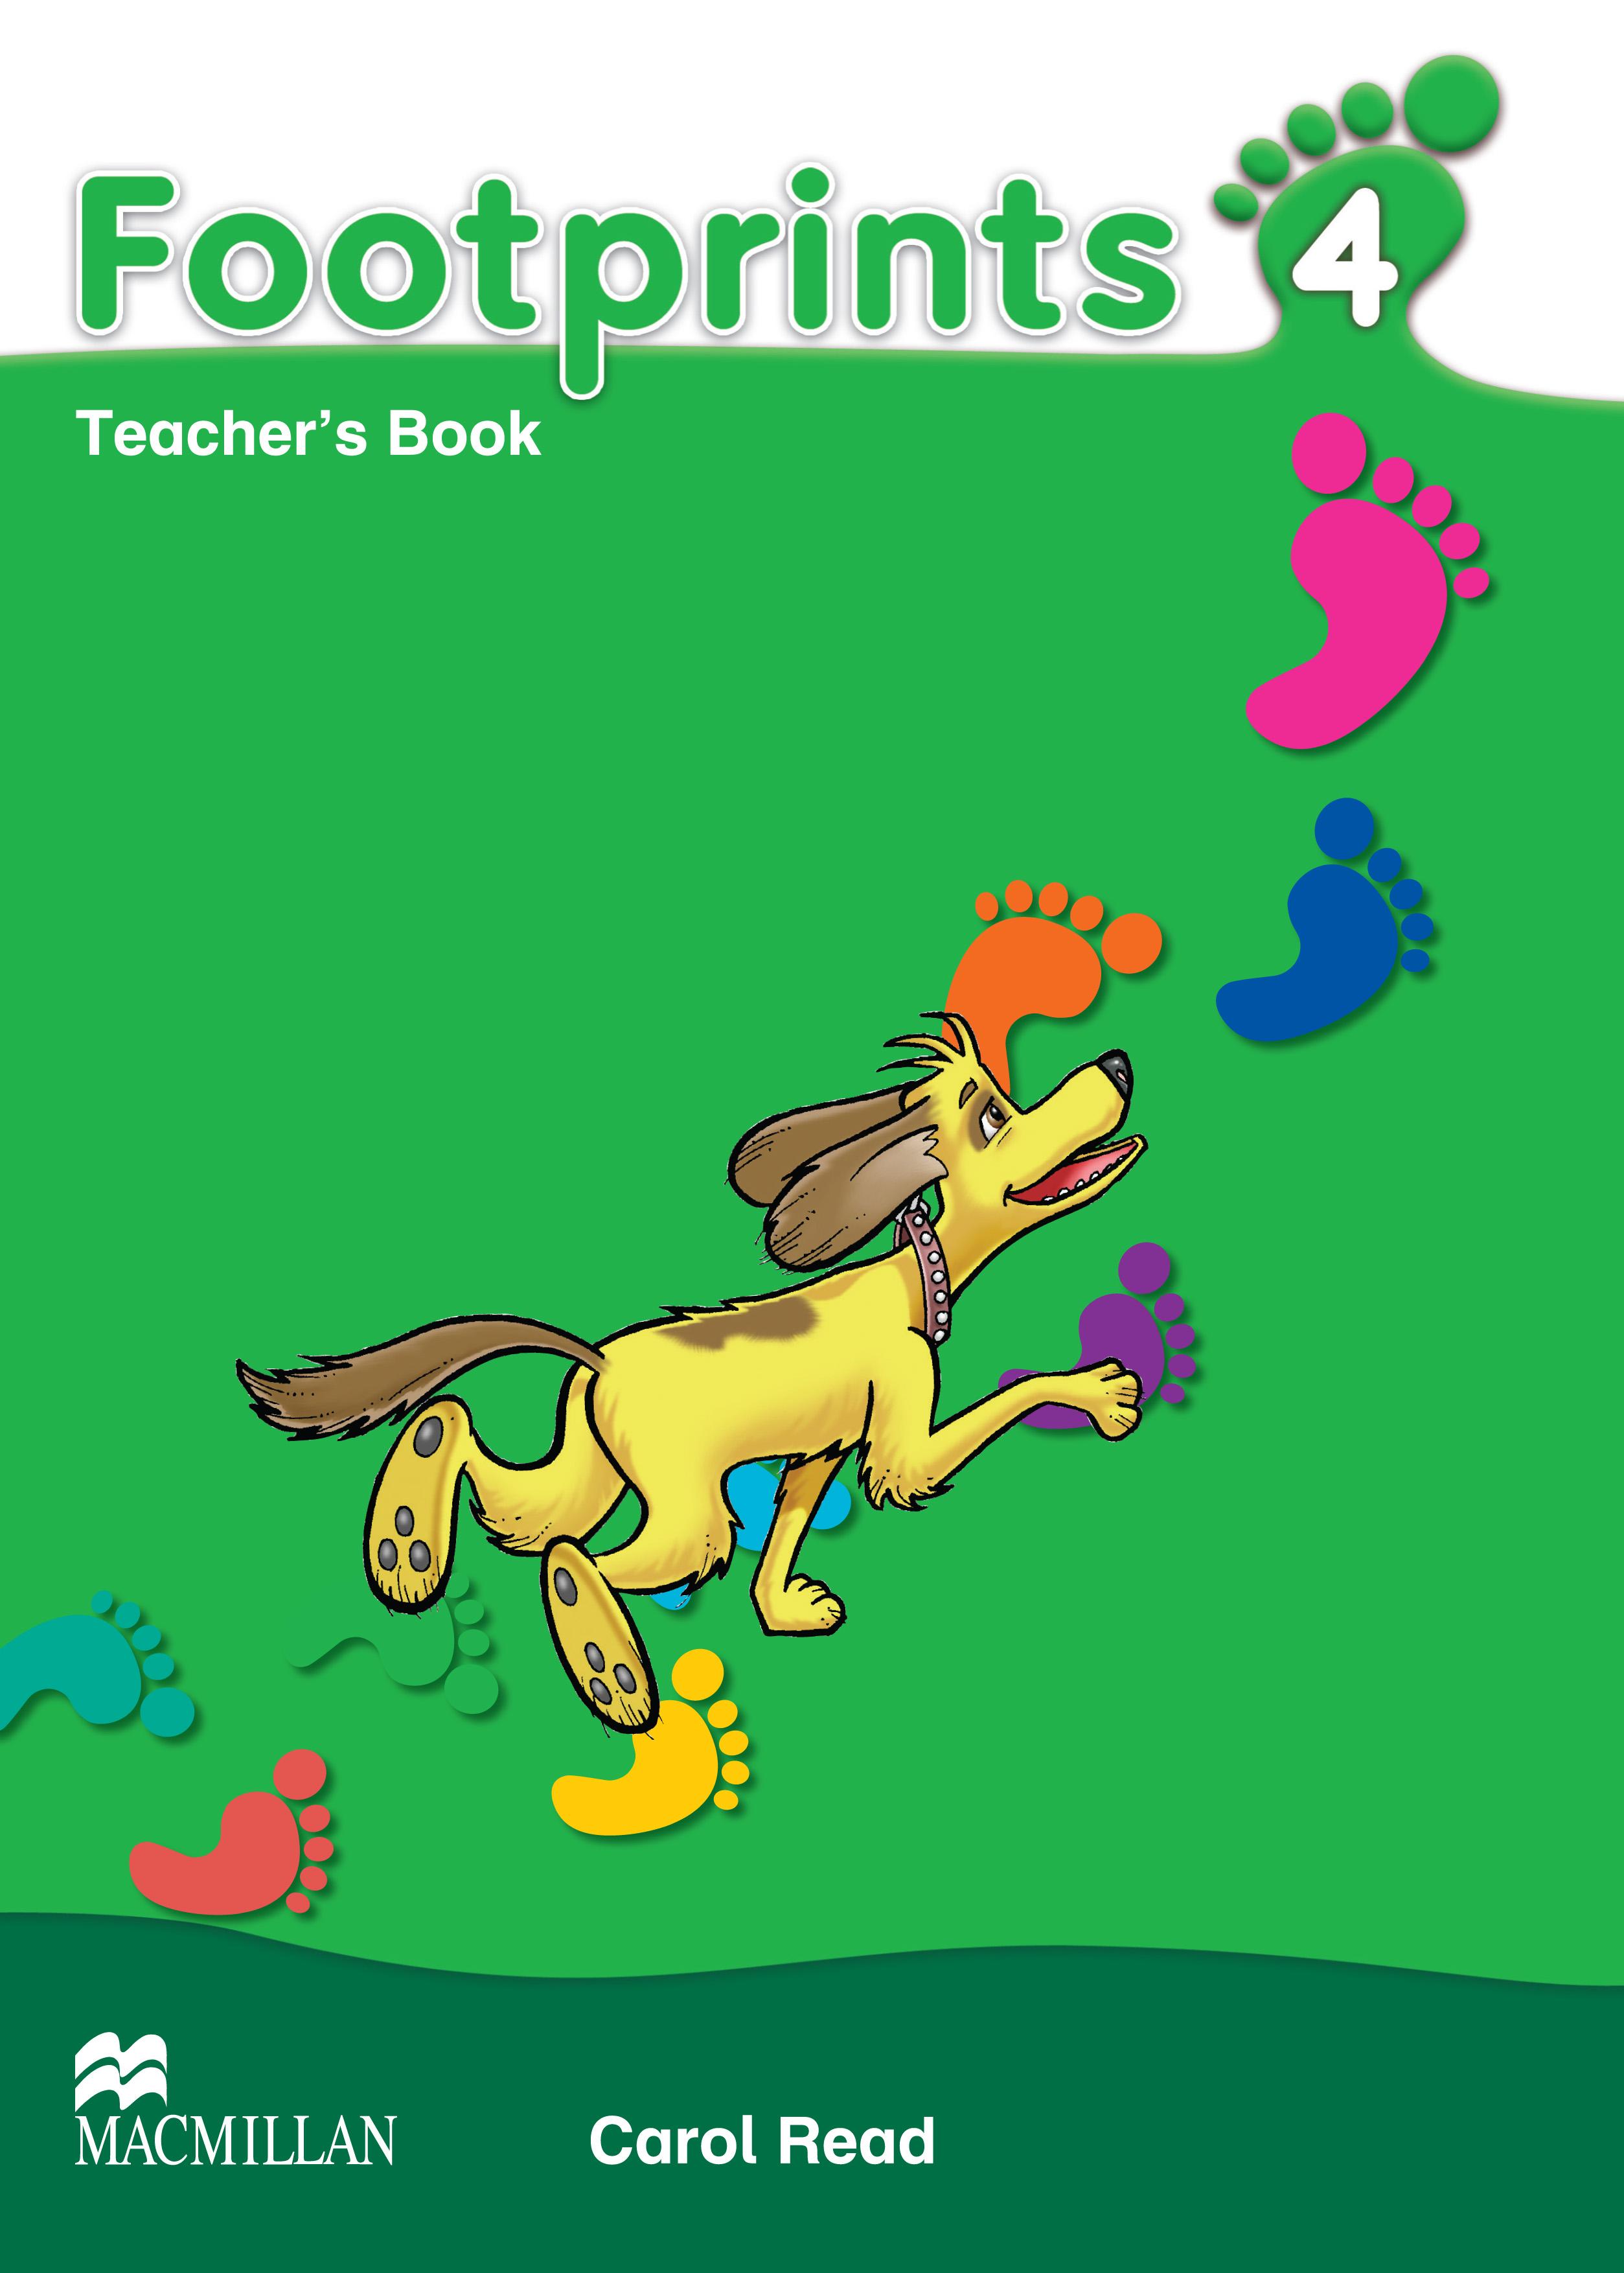 Footprints 4 Teacher